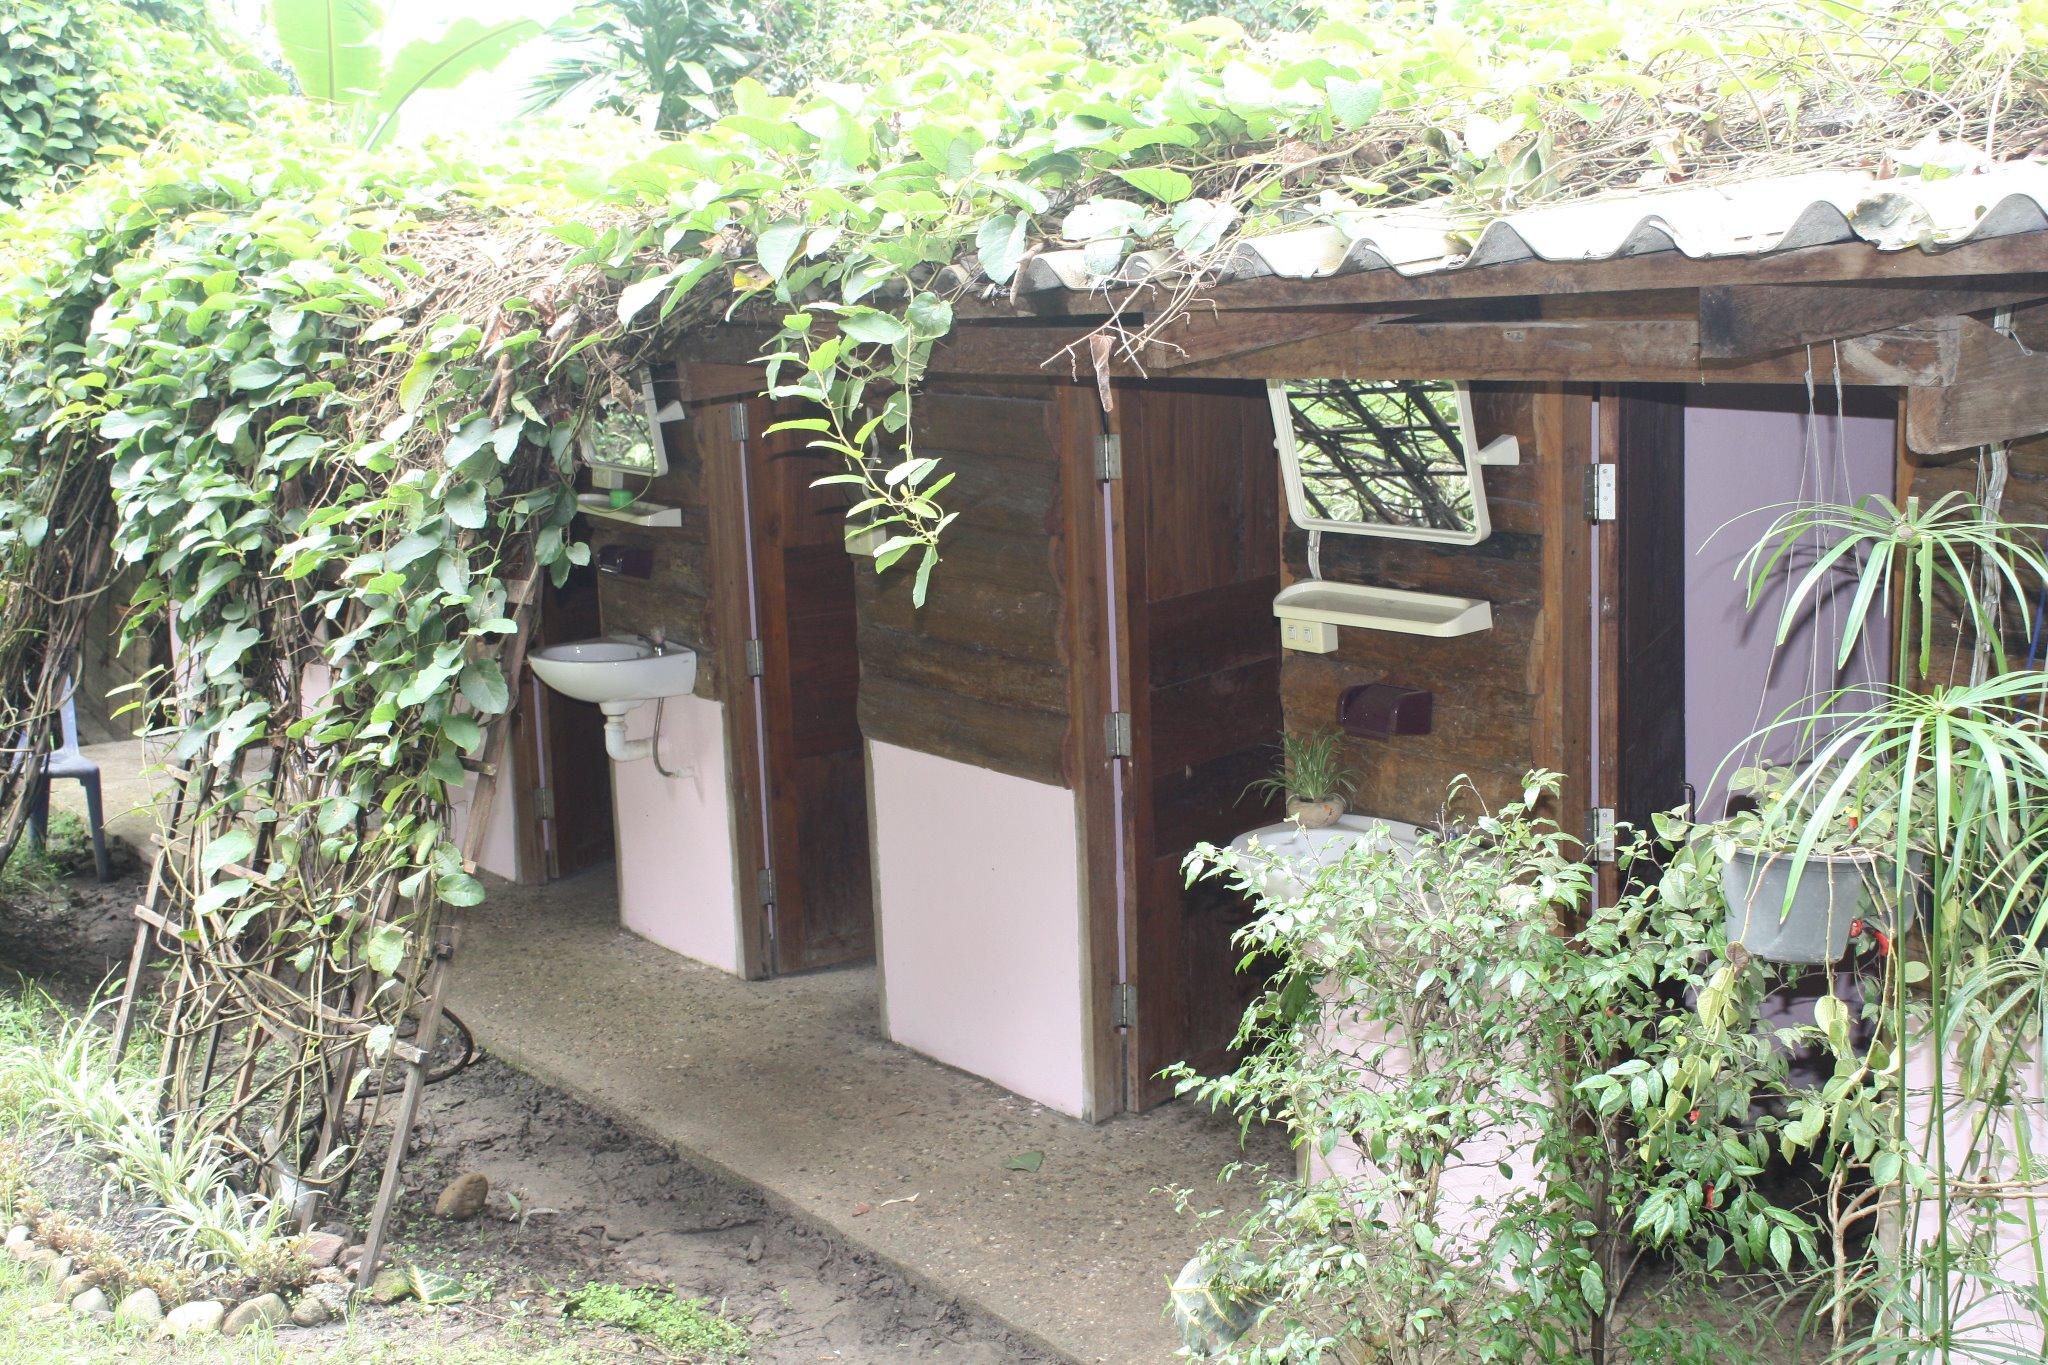 สัมผัสที่พักใกล้ชิดธรรมชาติ วิมานเมฆ รีสอร์ท (wimanmake resort) อำเภออุ้มผาง จังหวัดตาก